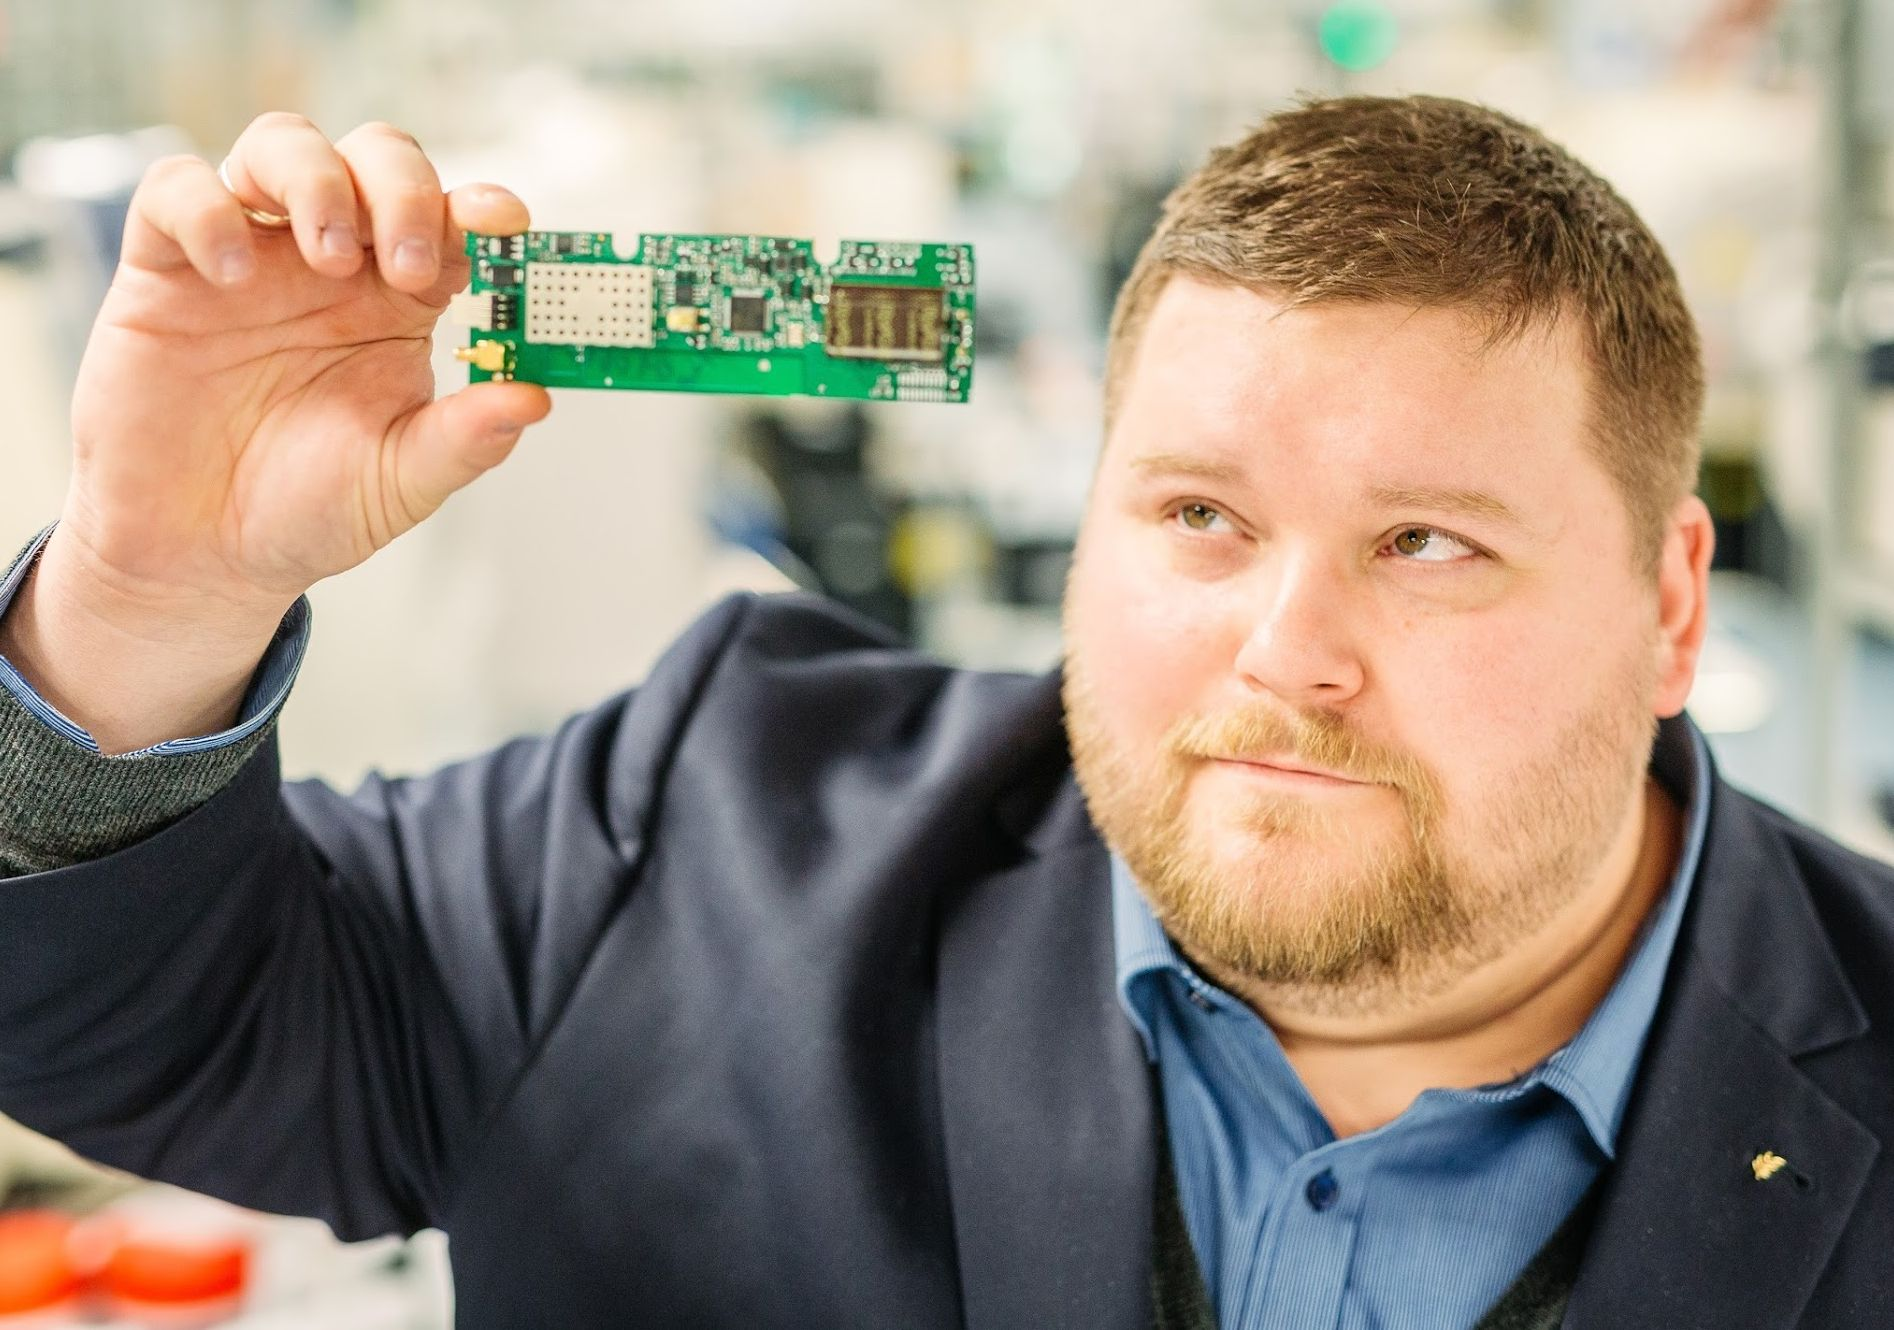 Saaremaal tegutsevat elektroonikatööstust Incap tunnustati maineka Rootsi Äriauhinnaga